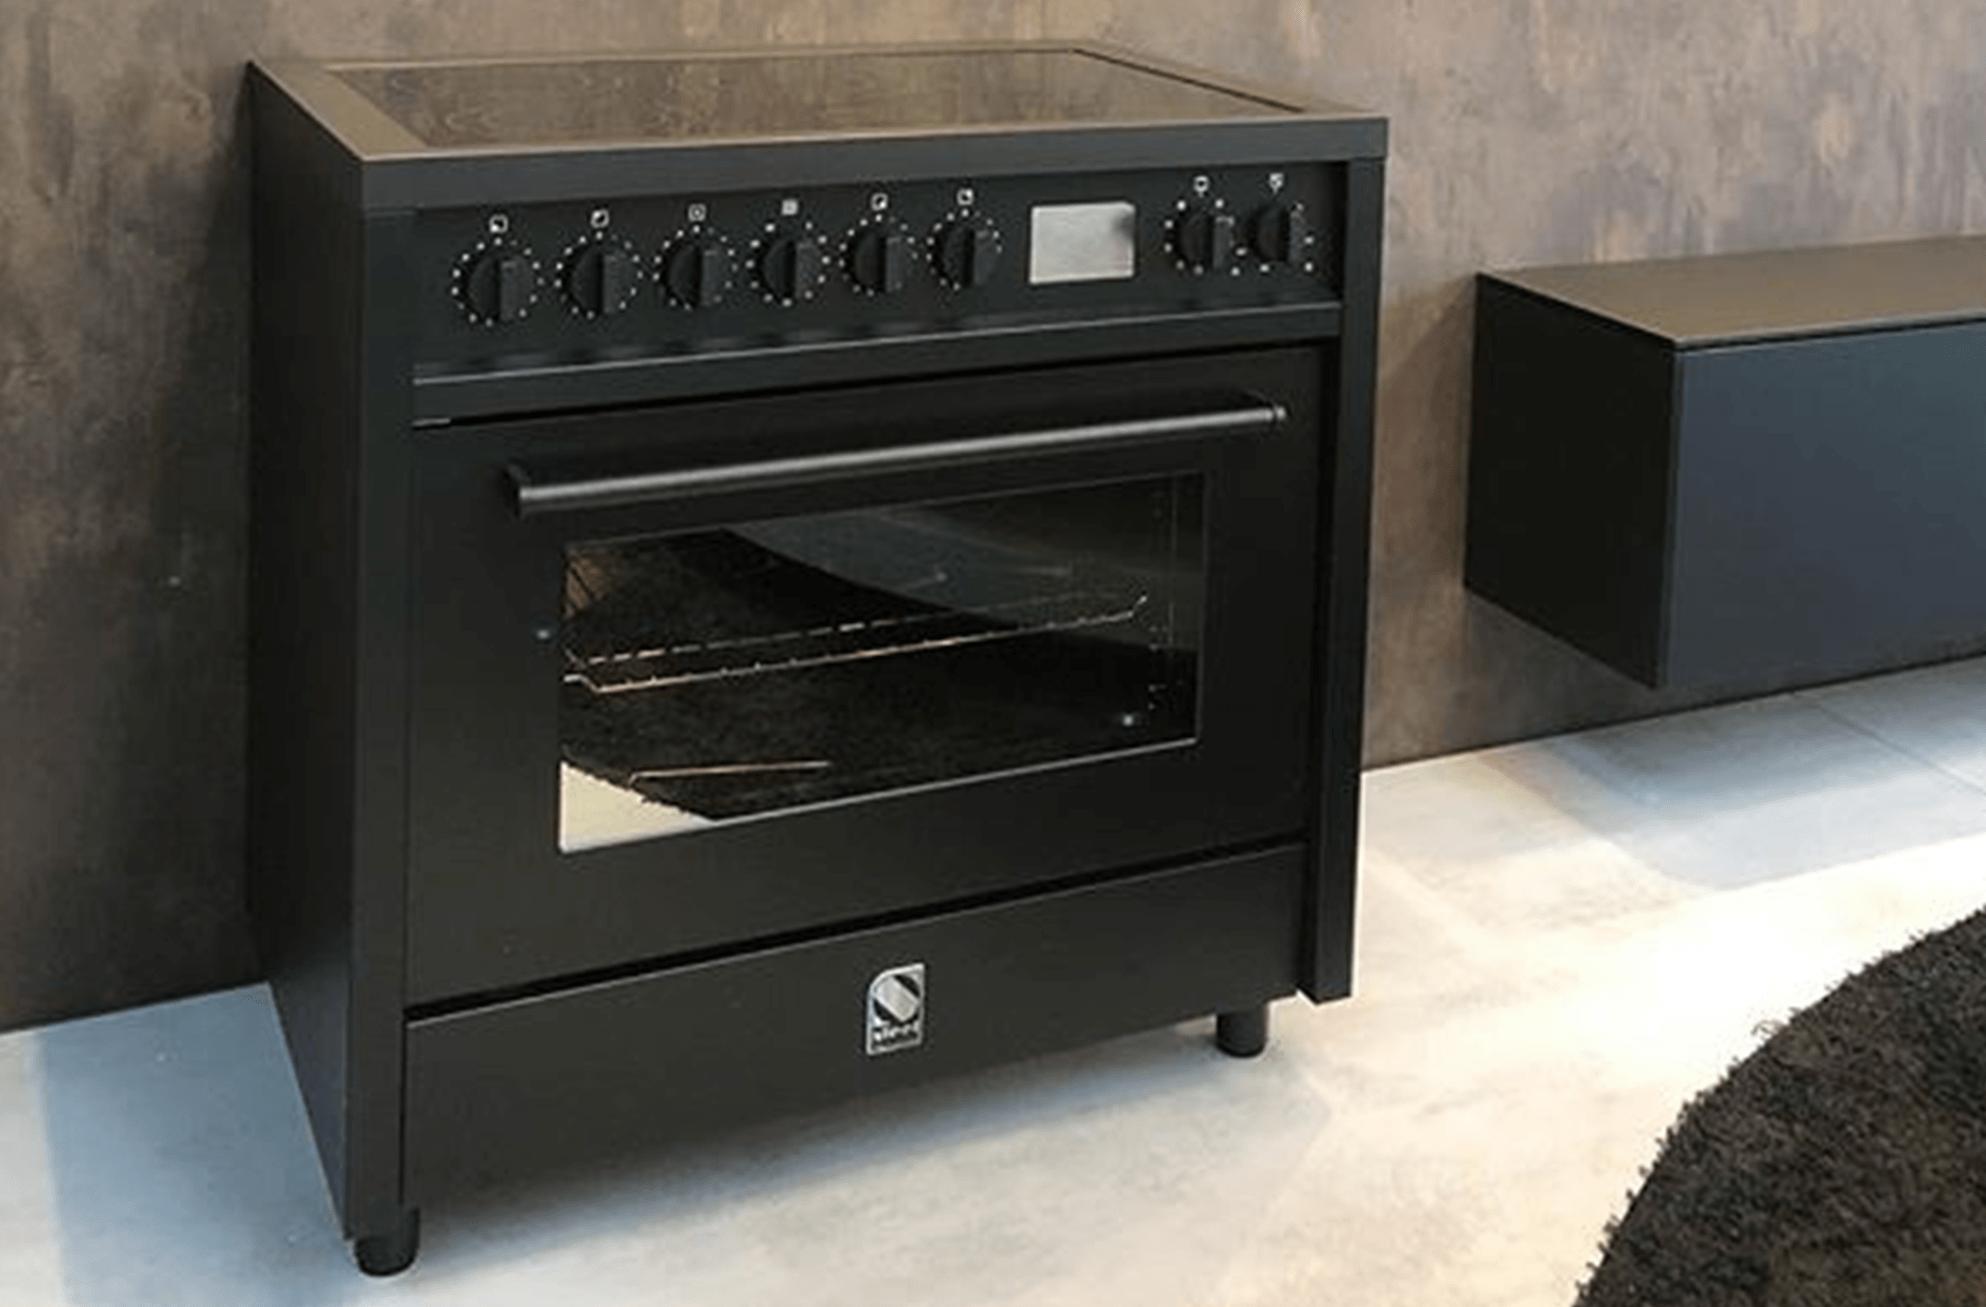 Installatie inductie fornuis of inductie kookplaat